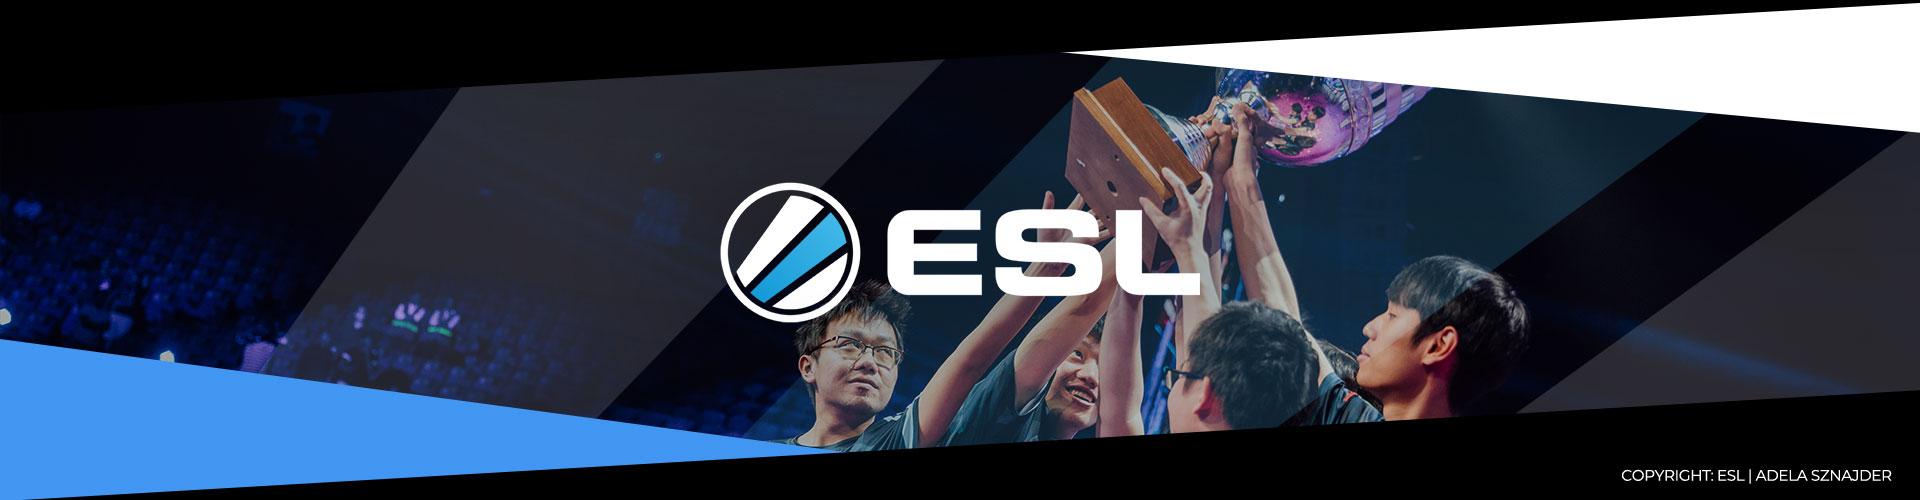 Eventsida för ESL One Mumbai med lagen, prispotten och turneringens förutsättningar.